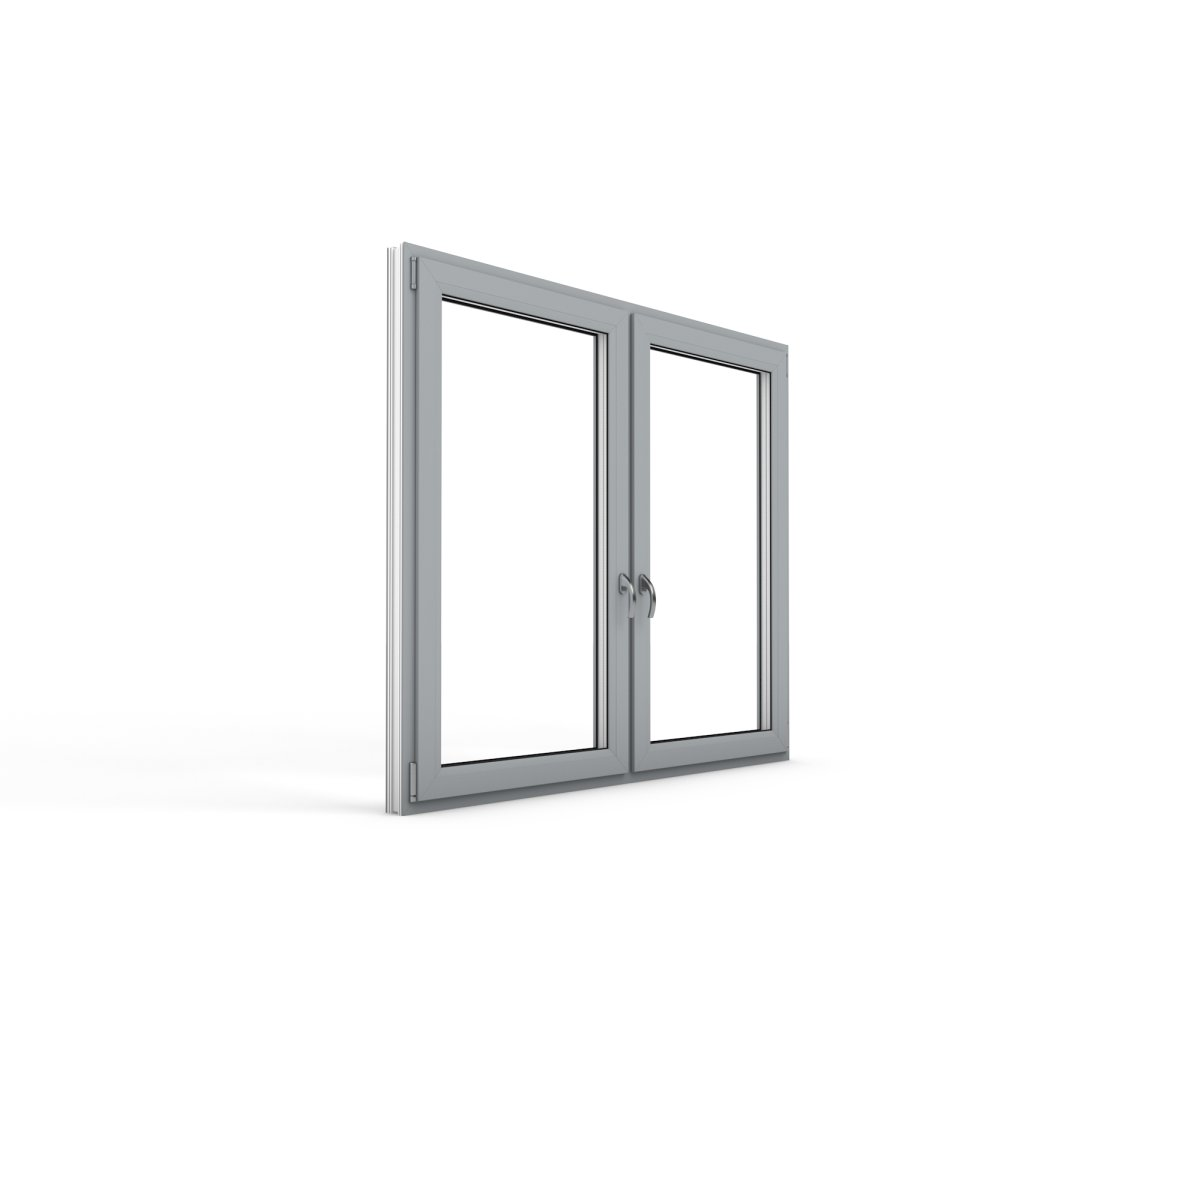 Full Size of Fenster Einbruchsicher Nachrüsten Roro De Abus Sicherheitsfolie Rollos Bodentief Rahmenlose Holz Alu Preise Obi Maße Landhaus Flachdach Beleuchtung Fenster Fenster Konfigurieren